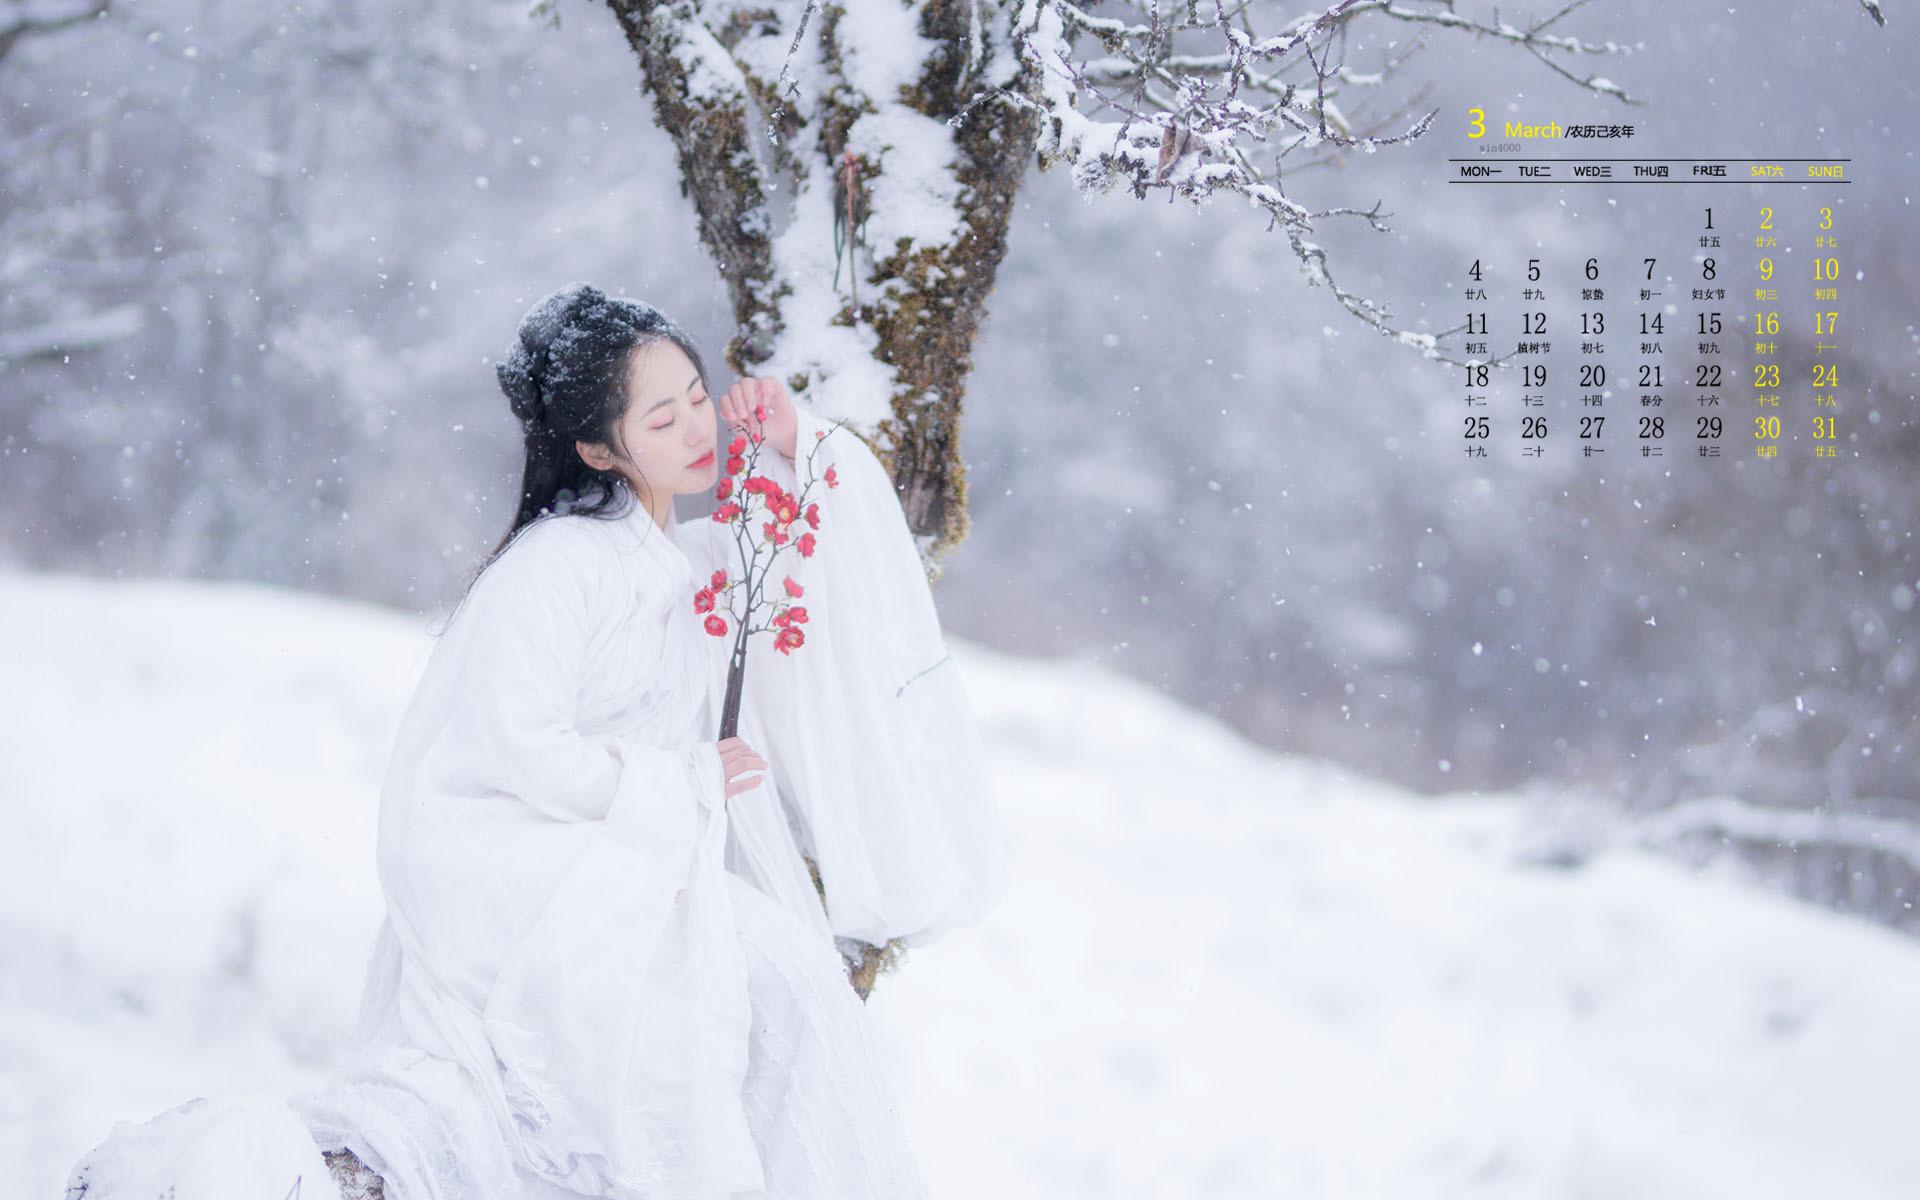 唯美古装美女冬日雪中高清日历壁纸